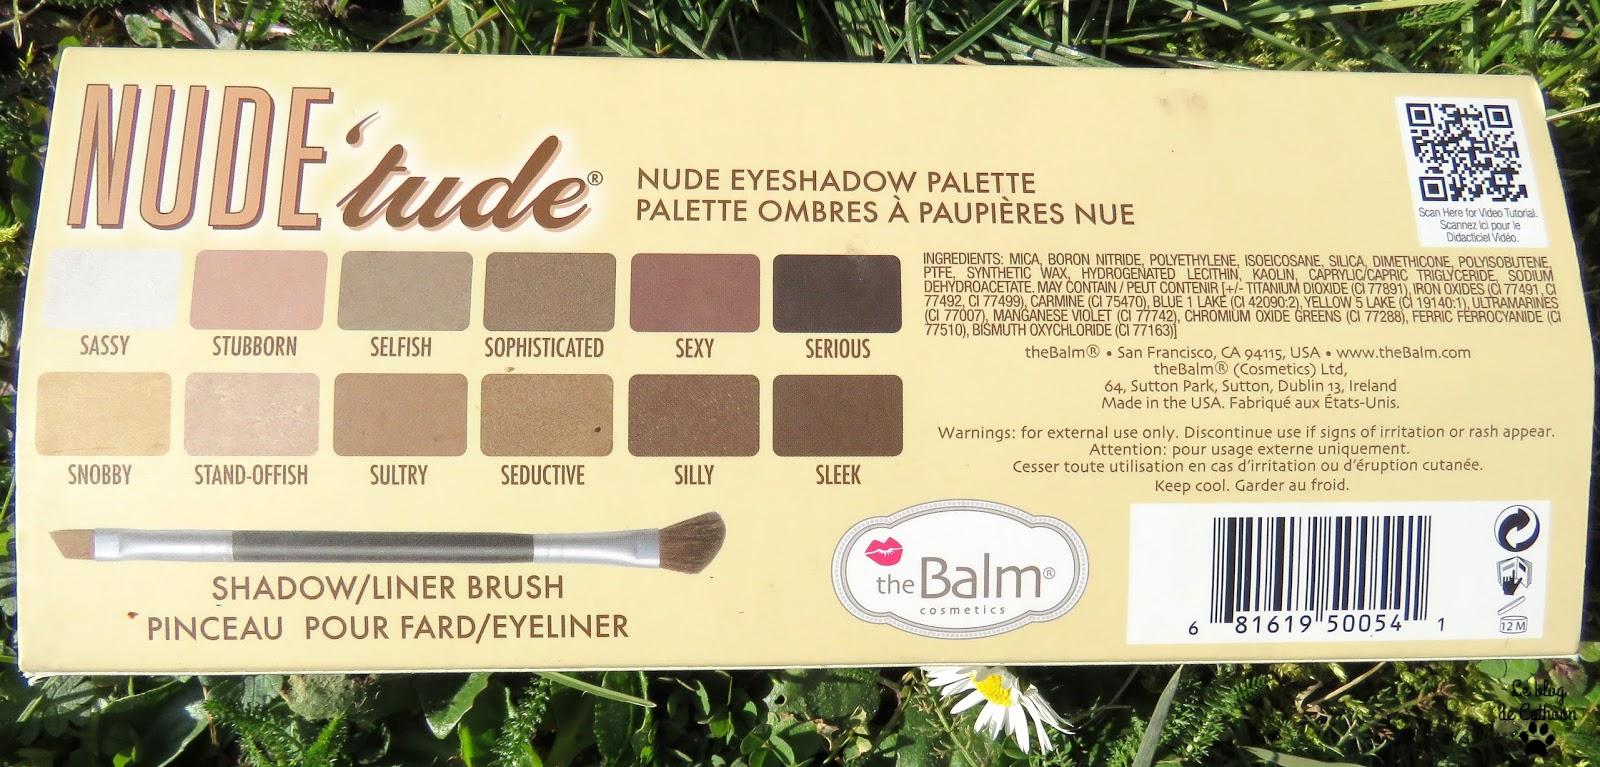 Nude'tude - Palette Ombres à Paupières Nues - The Balm